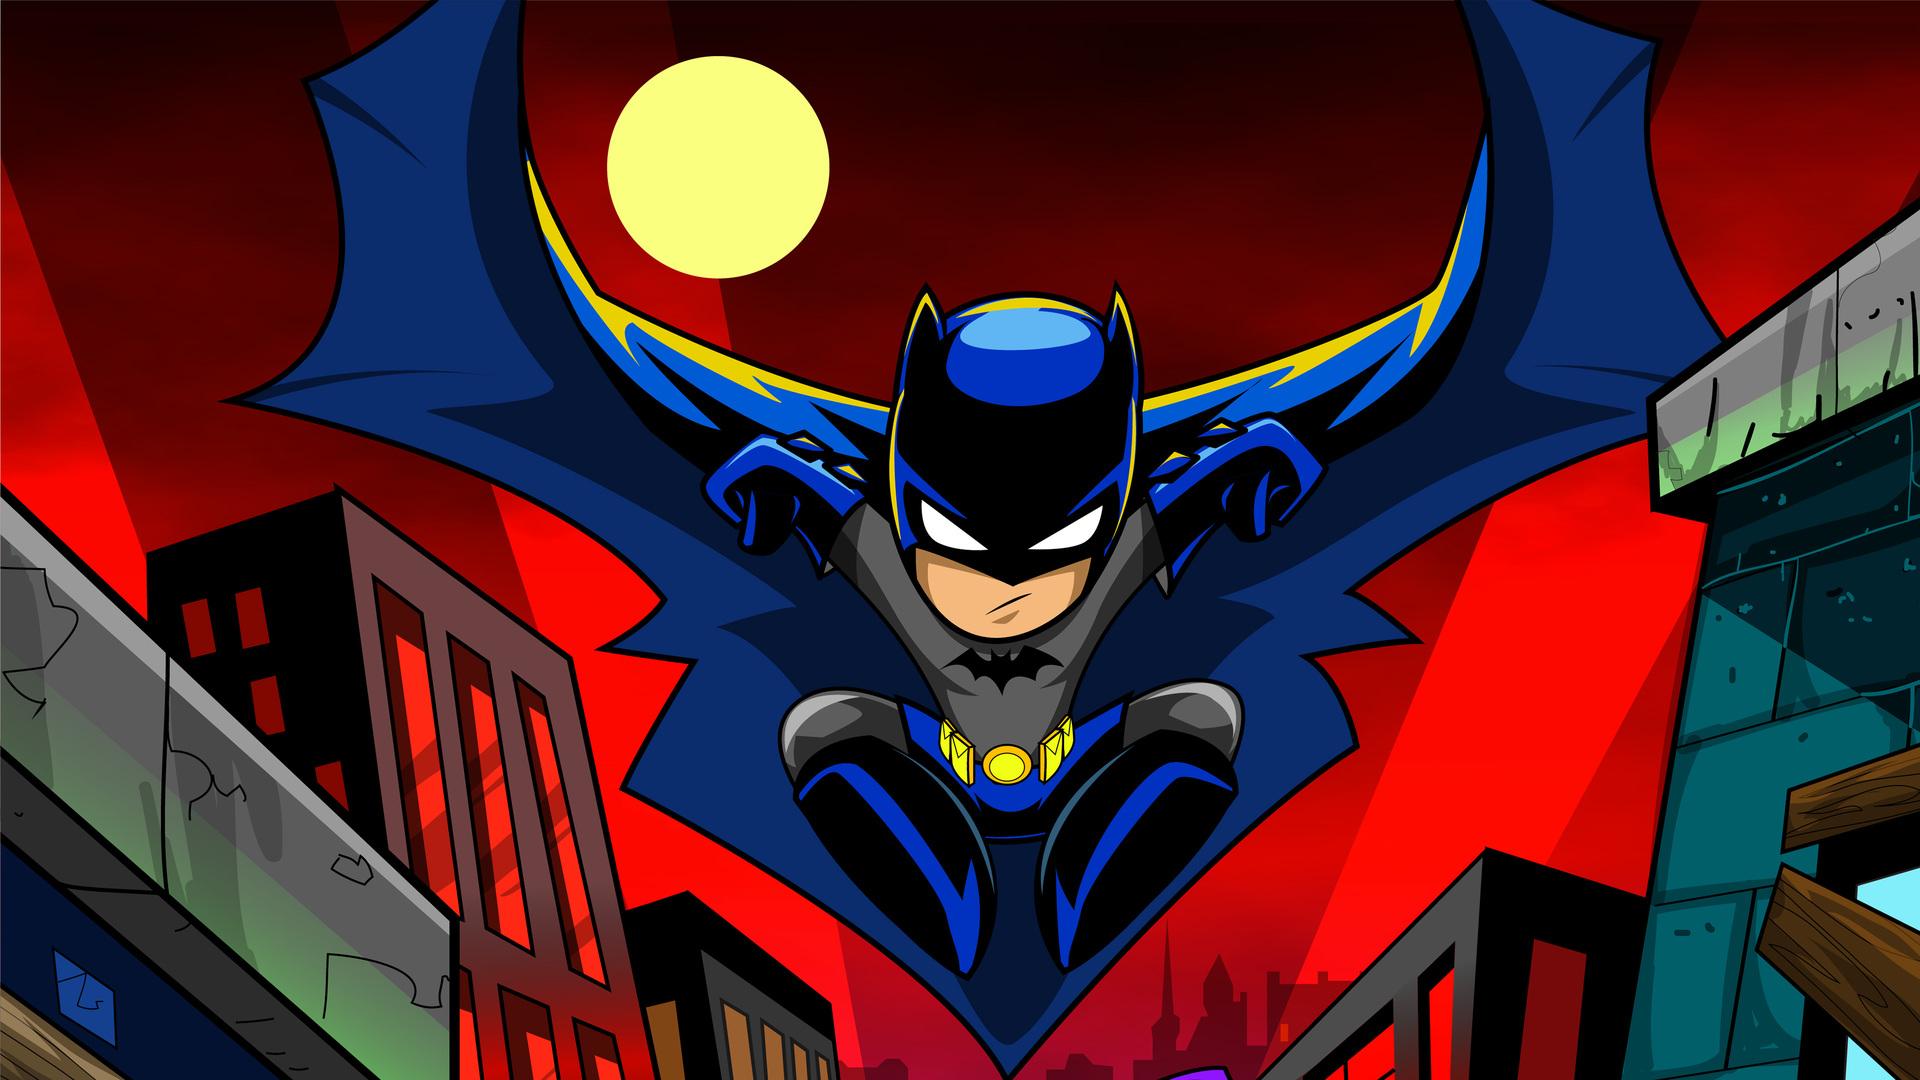 1920x1080 Batman Cartoon Art 4k Laptop Full HD 1080P HD 4k ...